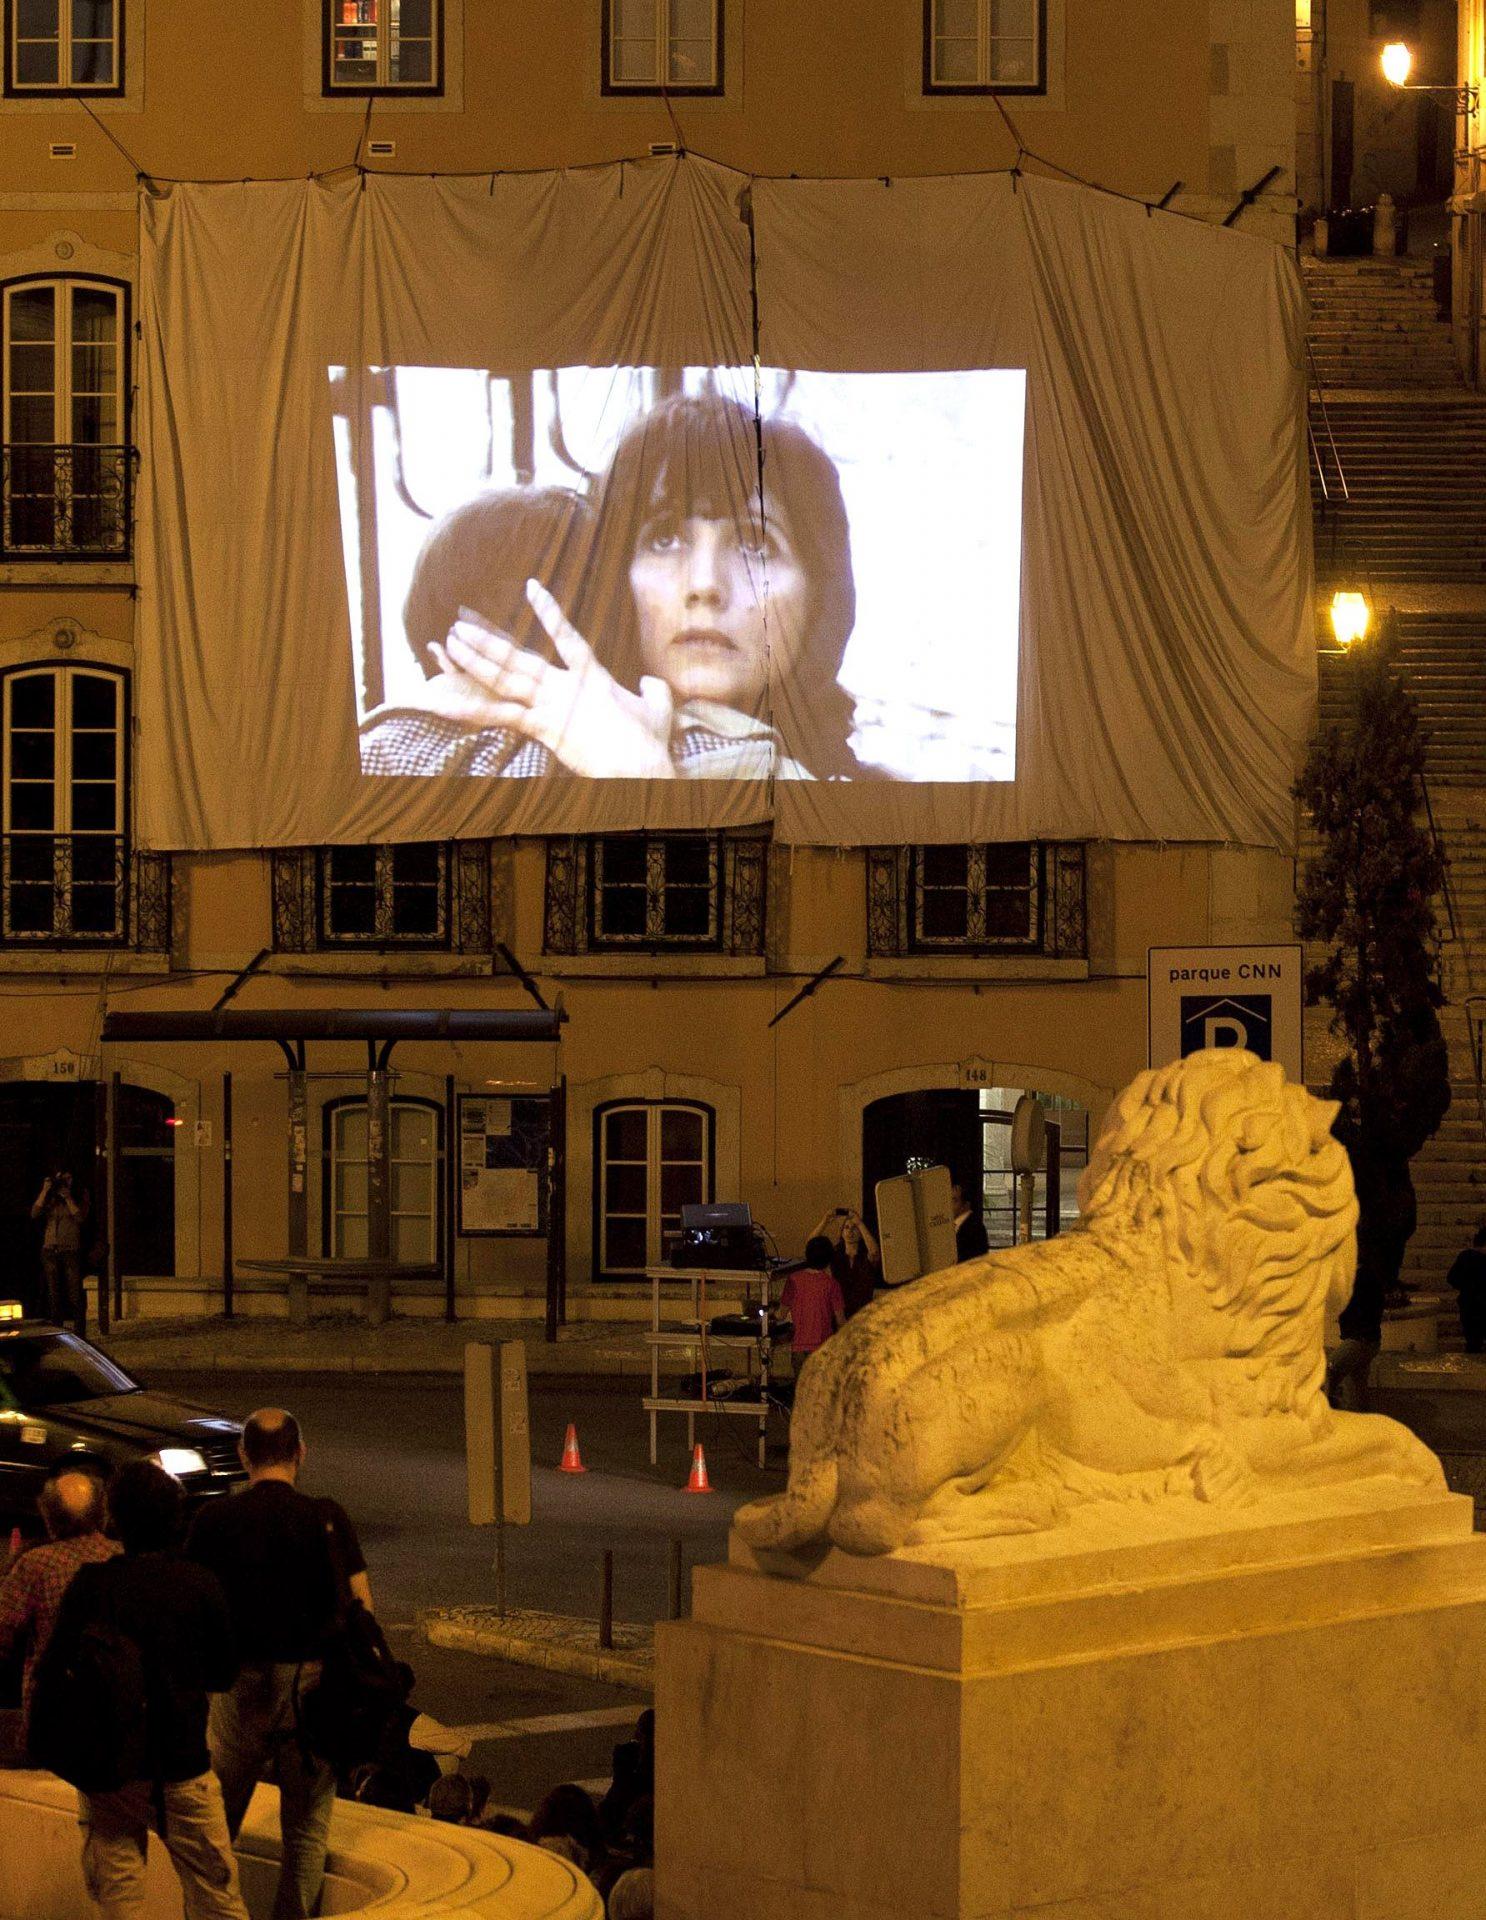 Profissionais dos espetáculo assistem a um filme sobre os 100 anos do cinema português em frente à Assembleia da República, Lisboa, 9 de maio de 2012.  ANTONIO COTRIM/LUSA